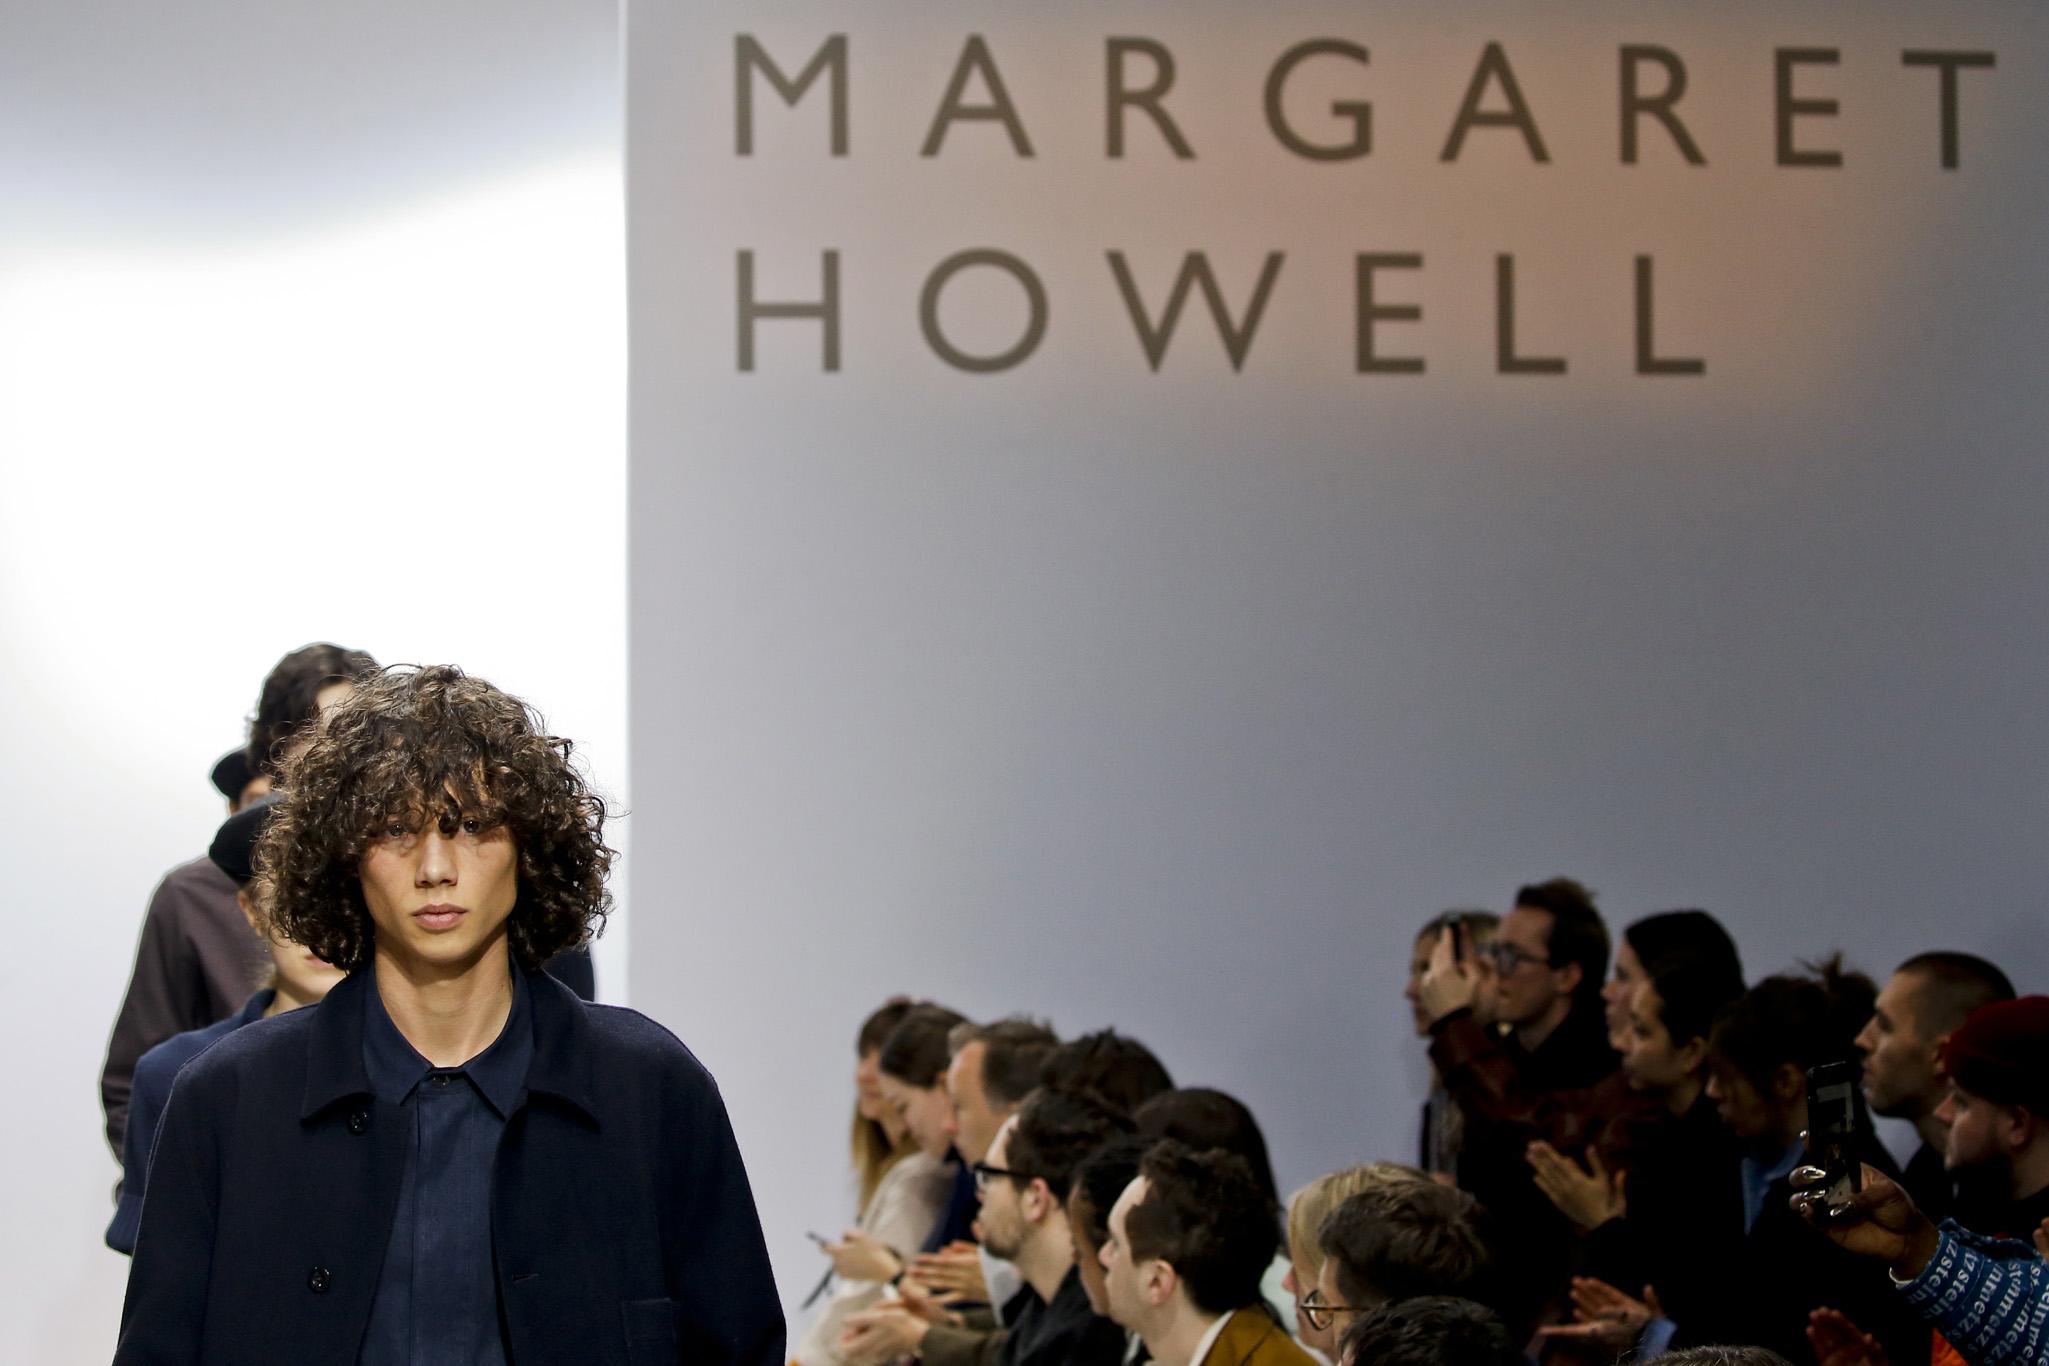 Margaret Howell RTW Fall 2018